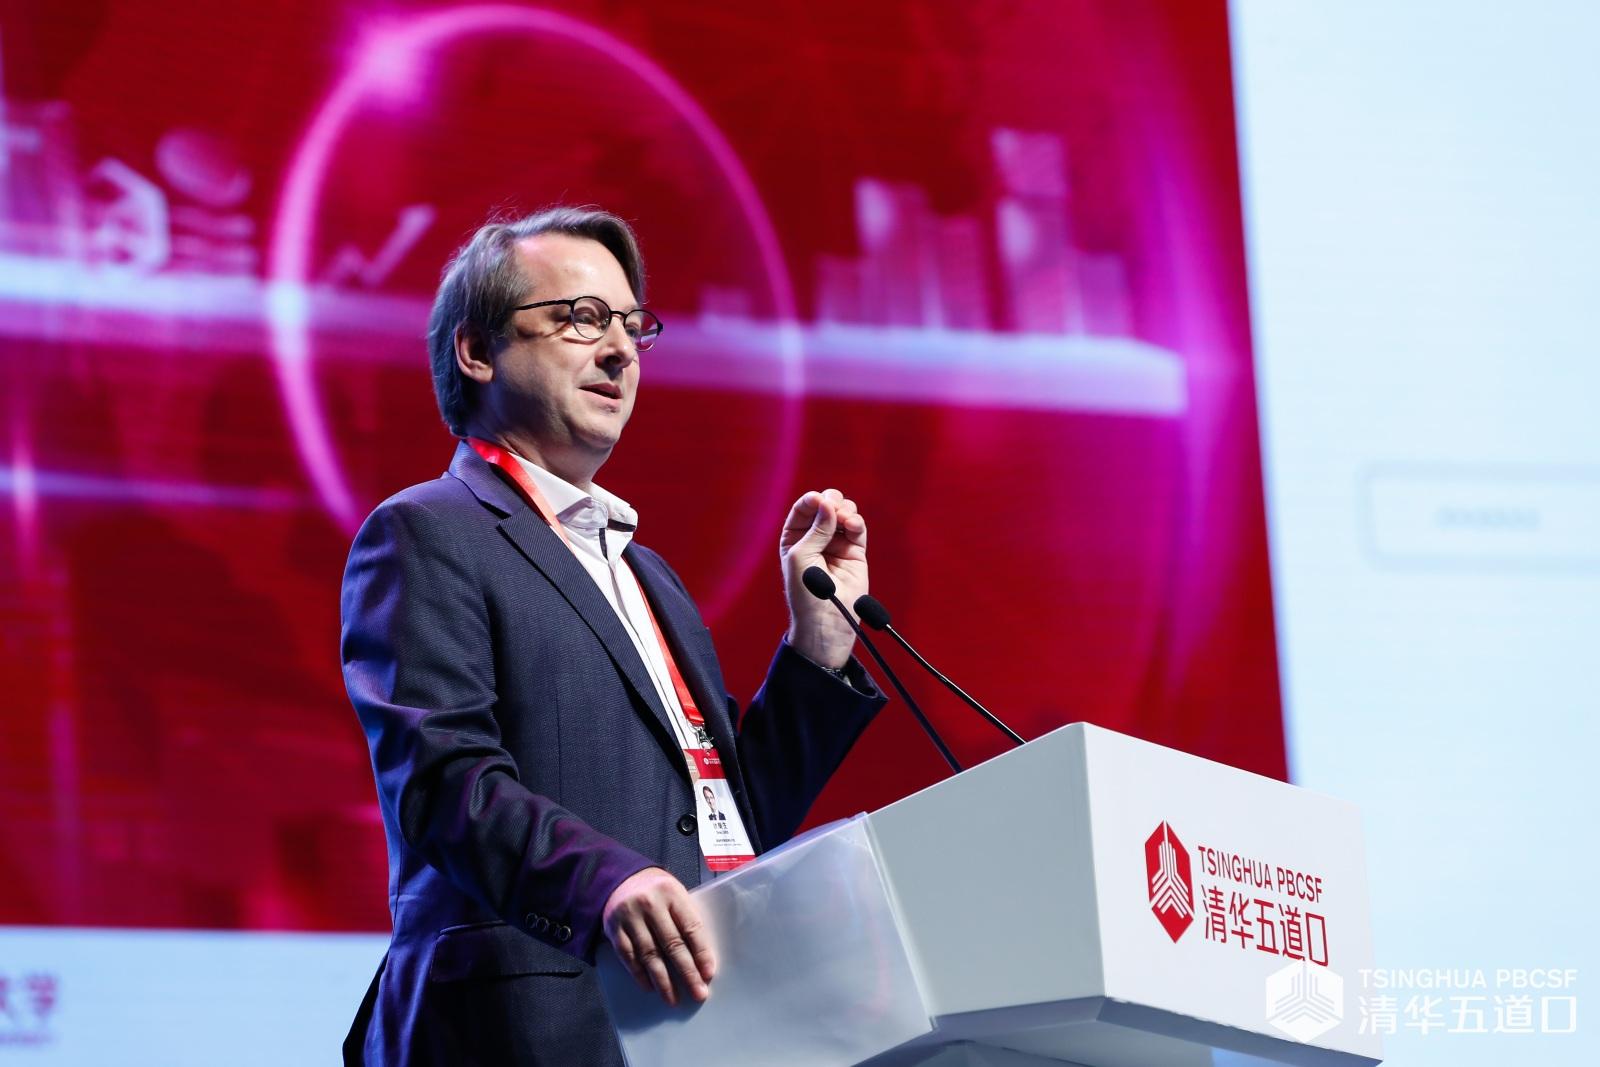 计葵生:科技对金融的影响速度会越来越快